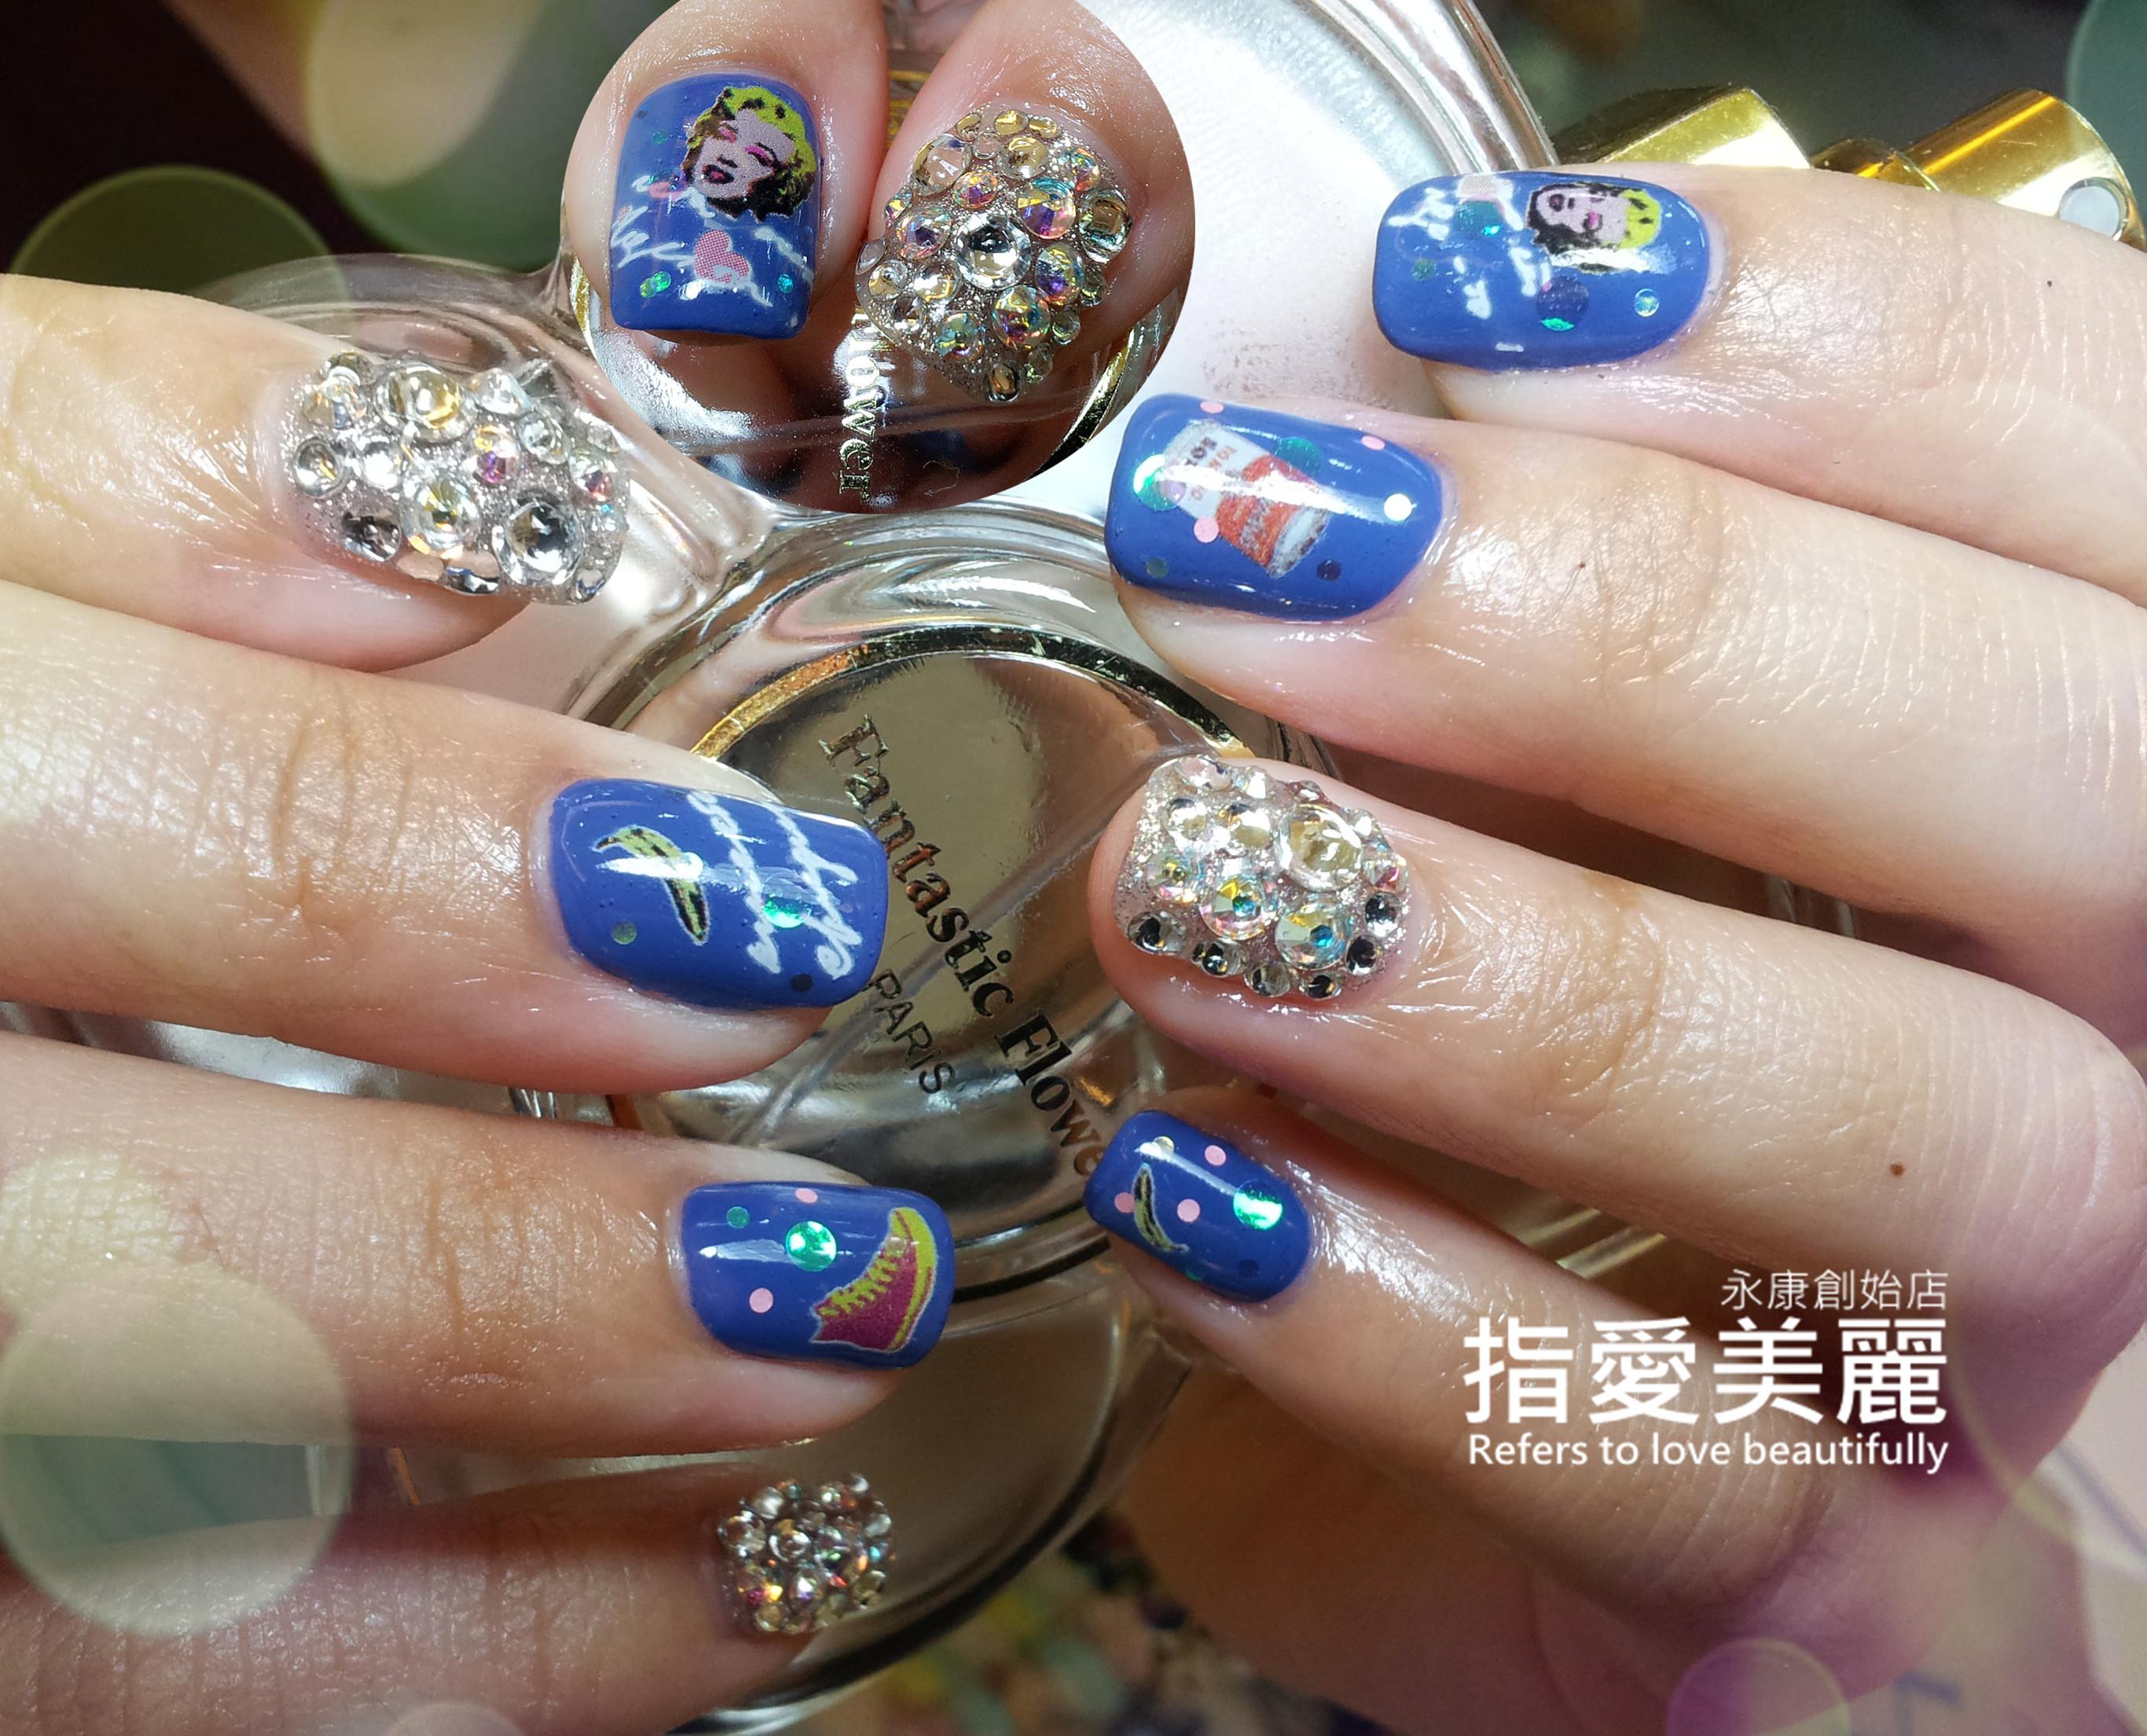 指爱美丽艺术美甲 - 台南美甲,台南凝胶美甲,台南水晶图片